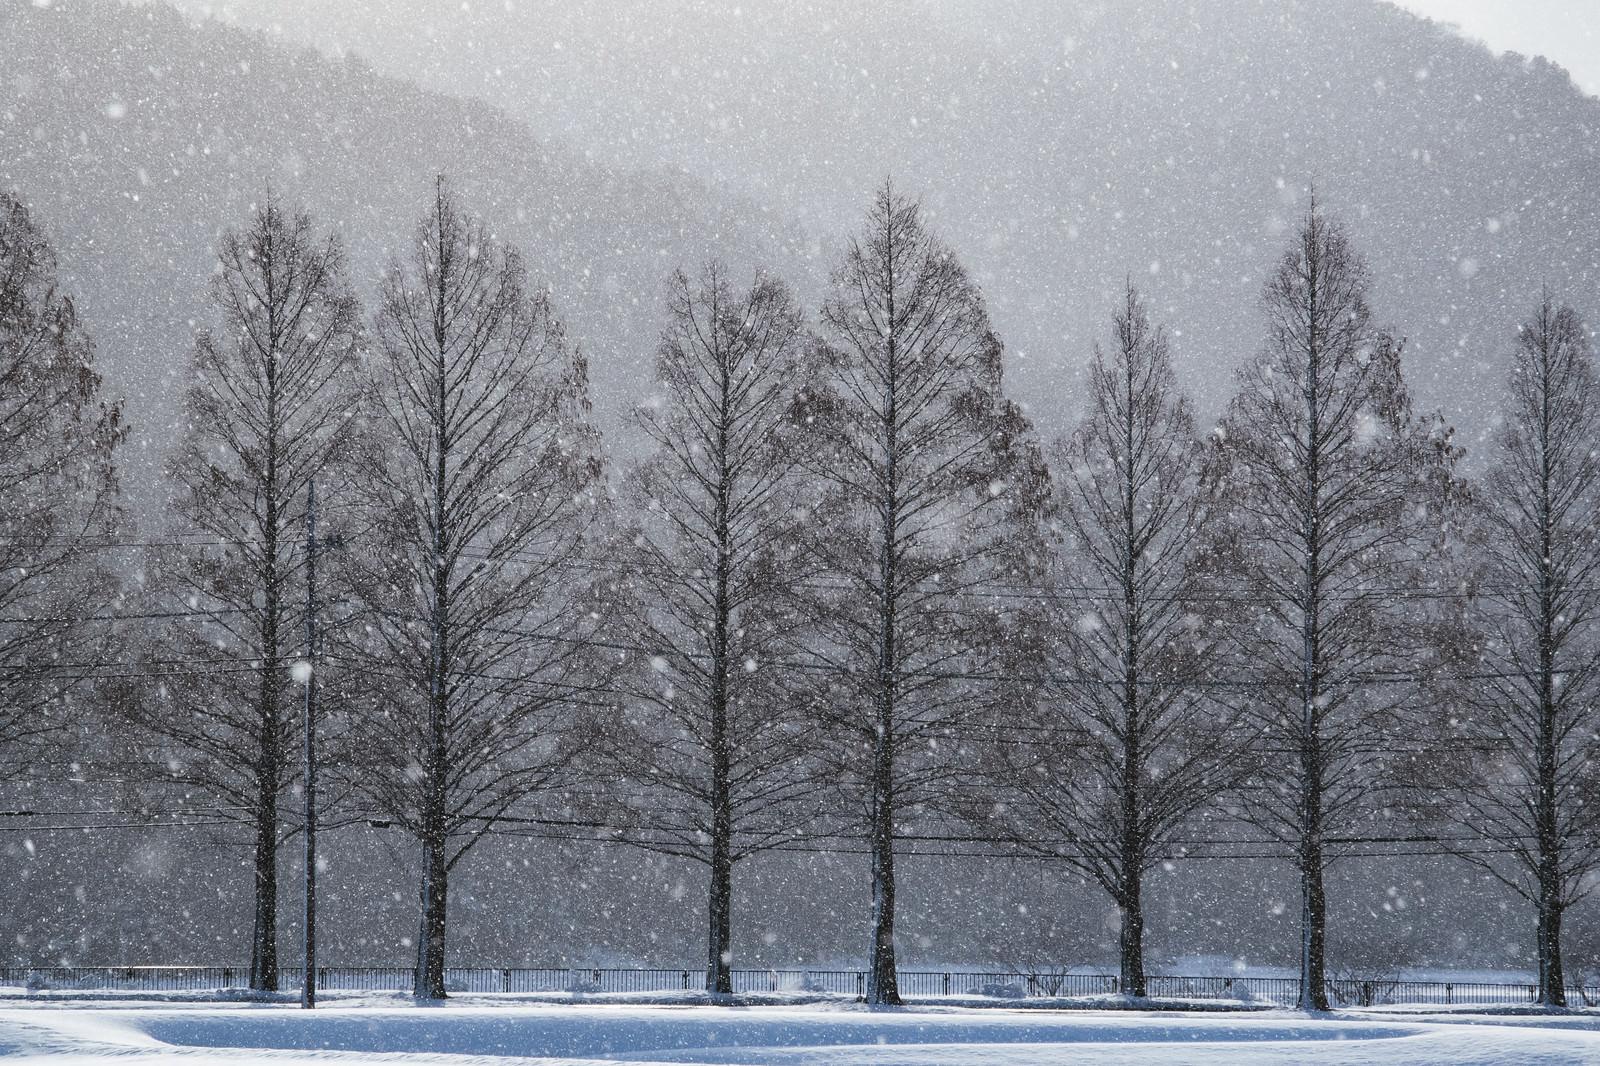 「メタセコイヤと雪の幻想的な風景」の写真